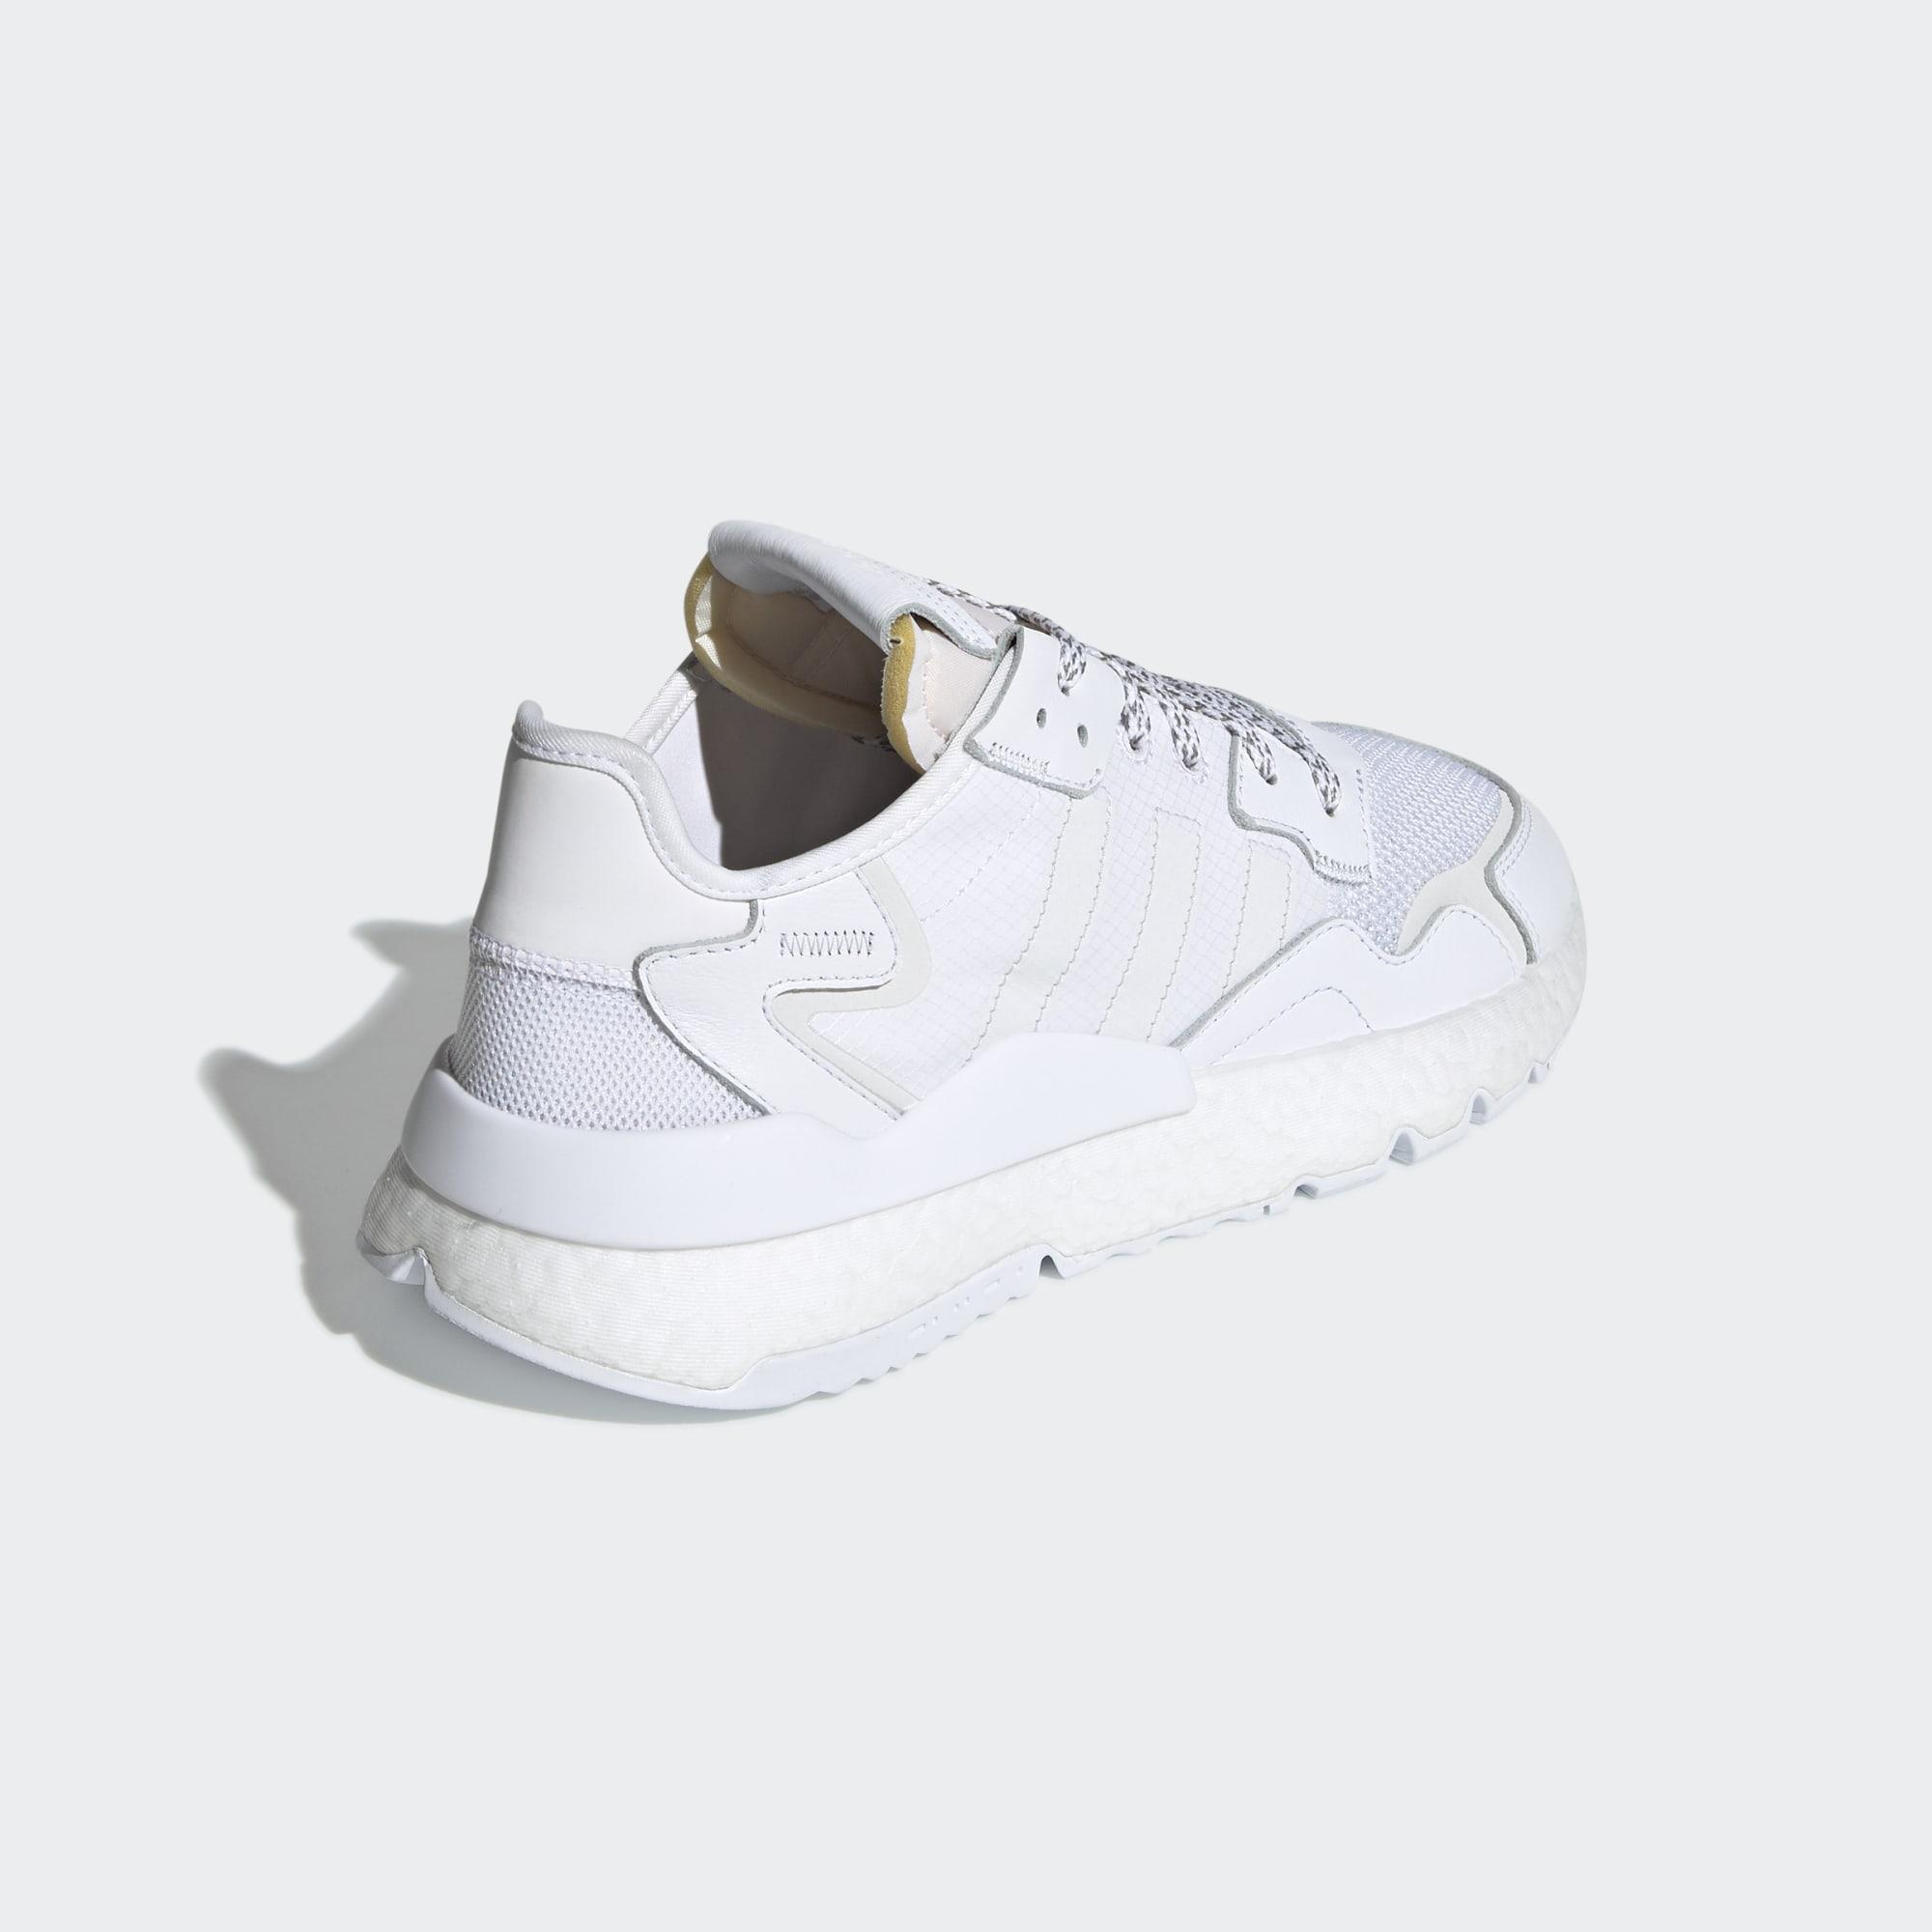 ac556e14 Кроссовки Nite Jogger BD7676 adidas Originals - Украина | ONETEAM.COM.UA